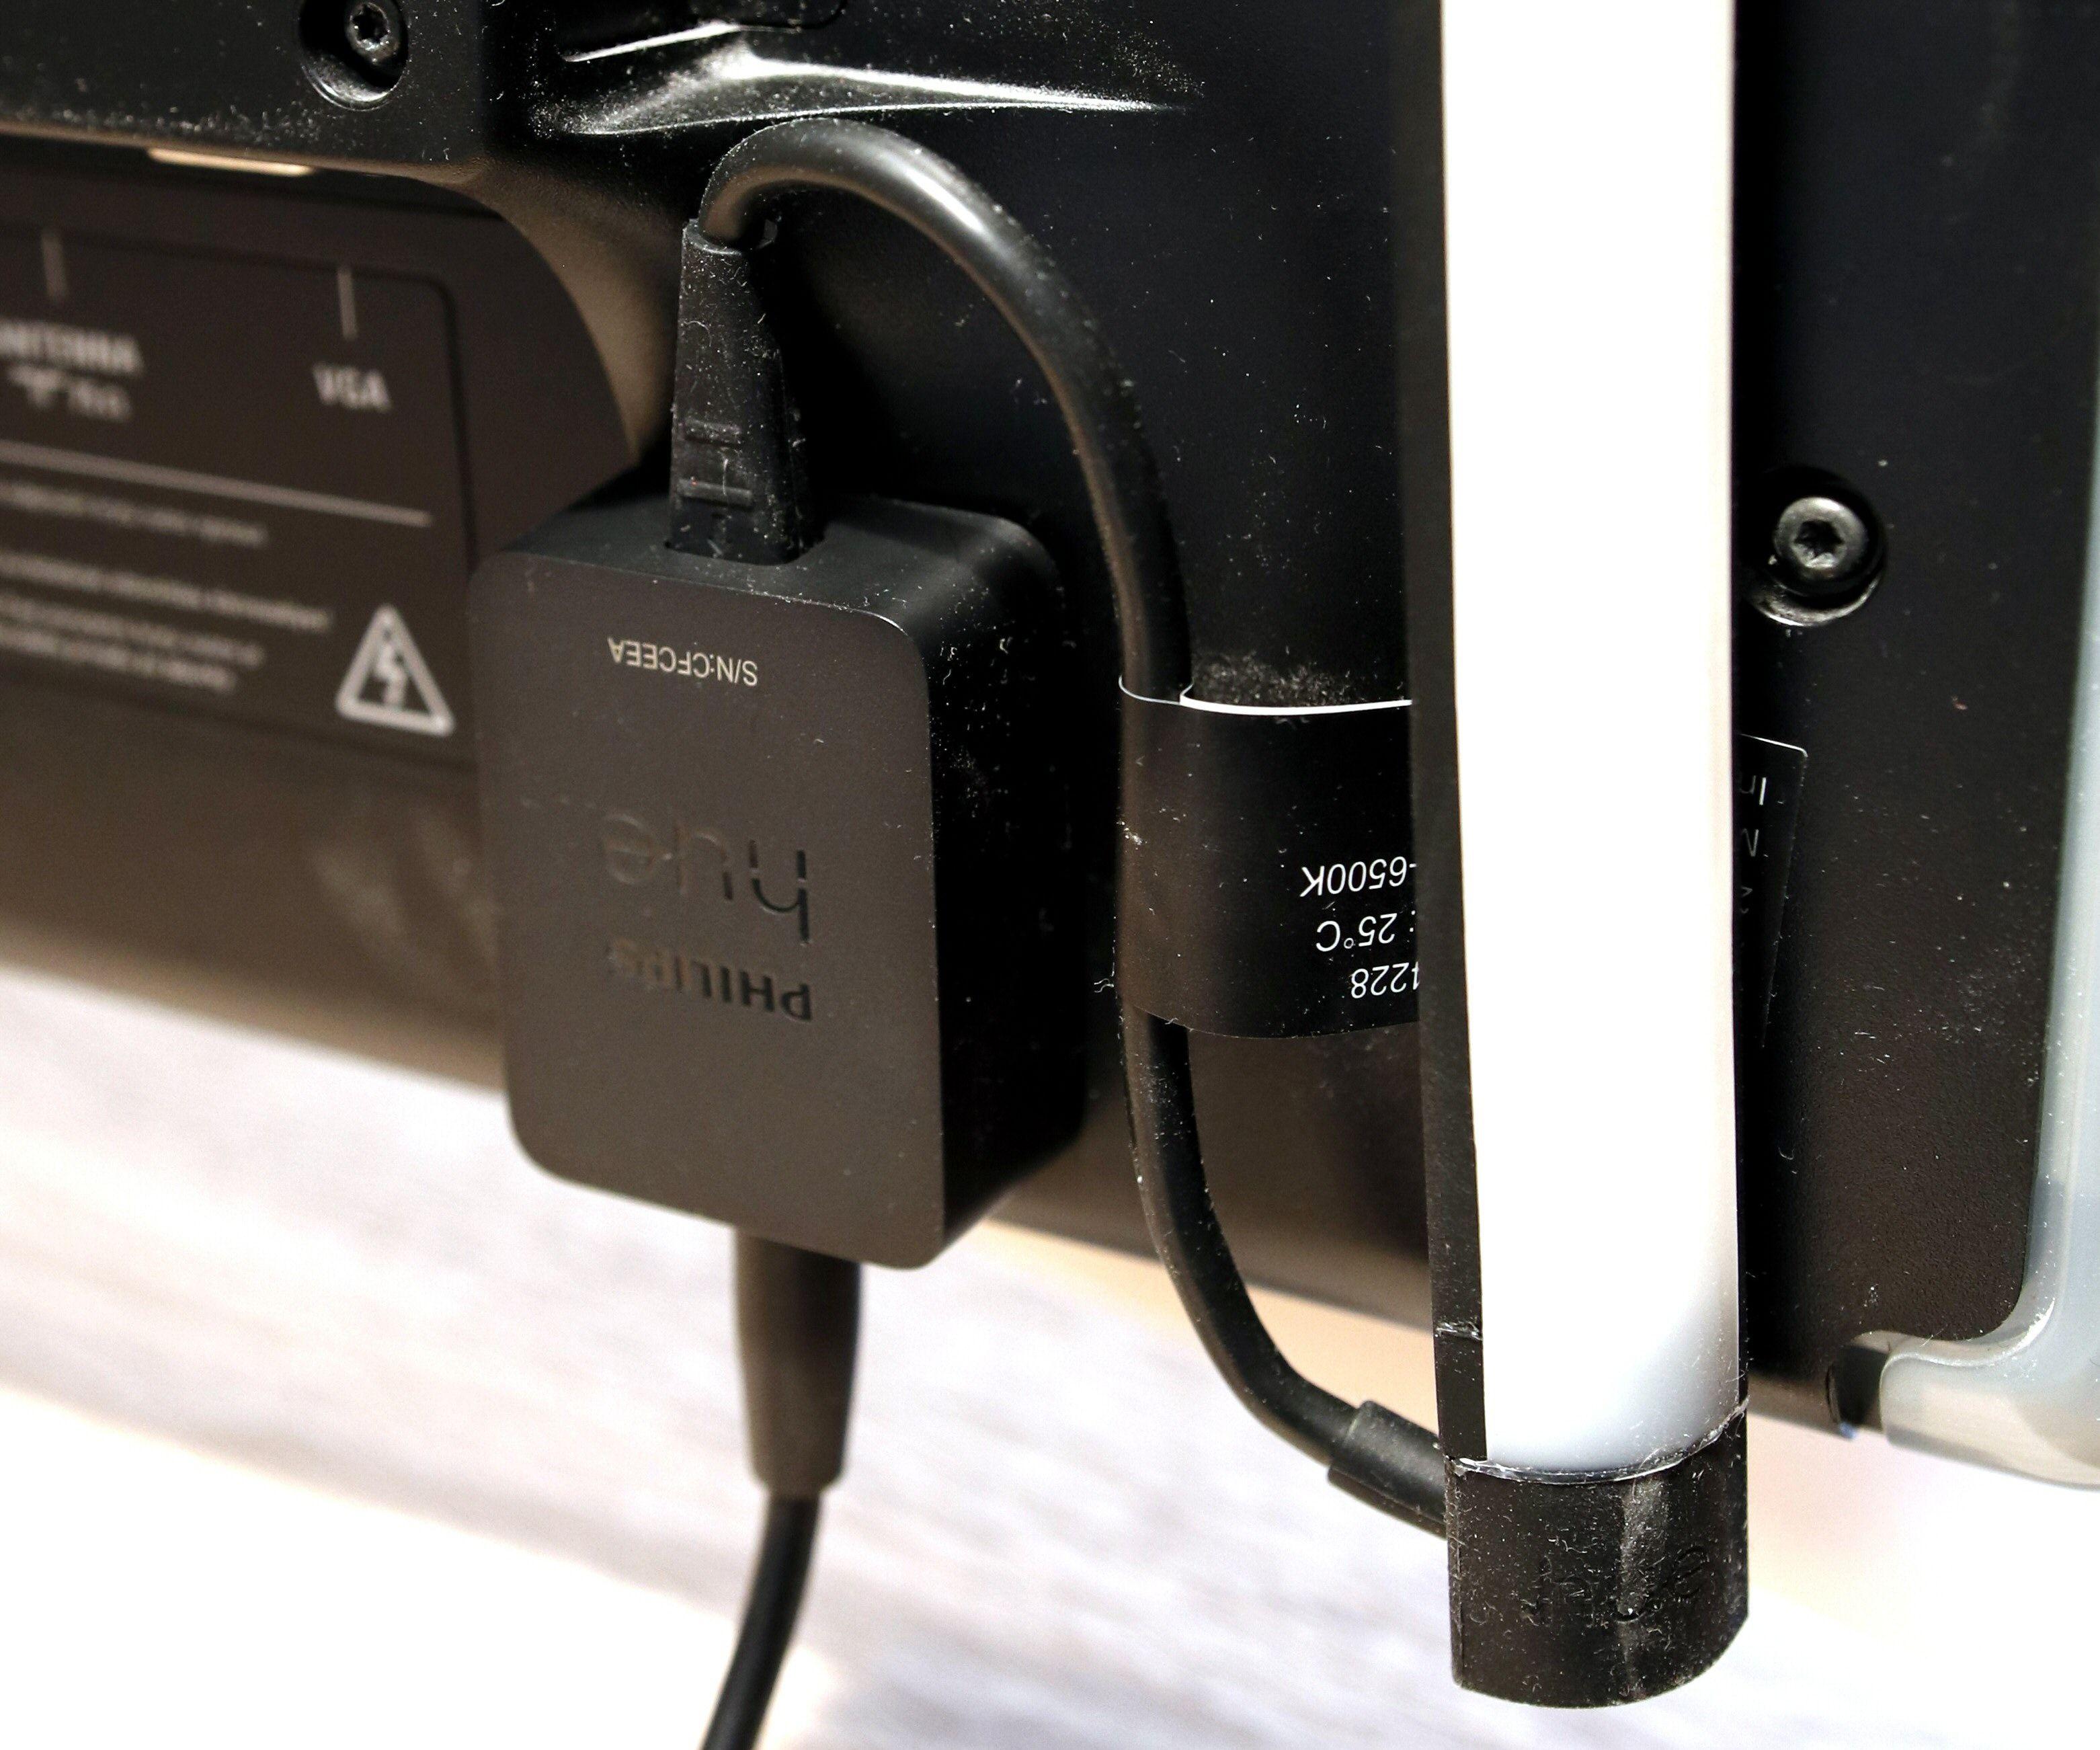 Play Gradient Lightstrip får sine kommandoer fra Hue Bridge via en liten mottakerboks, som også med fordel kan festes på TV-en. Og ja, undertegnedes TV er en smule støvete.